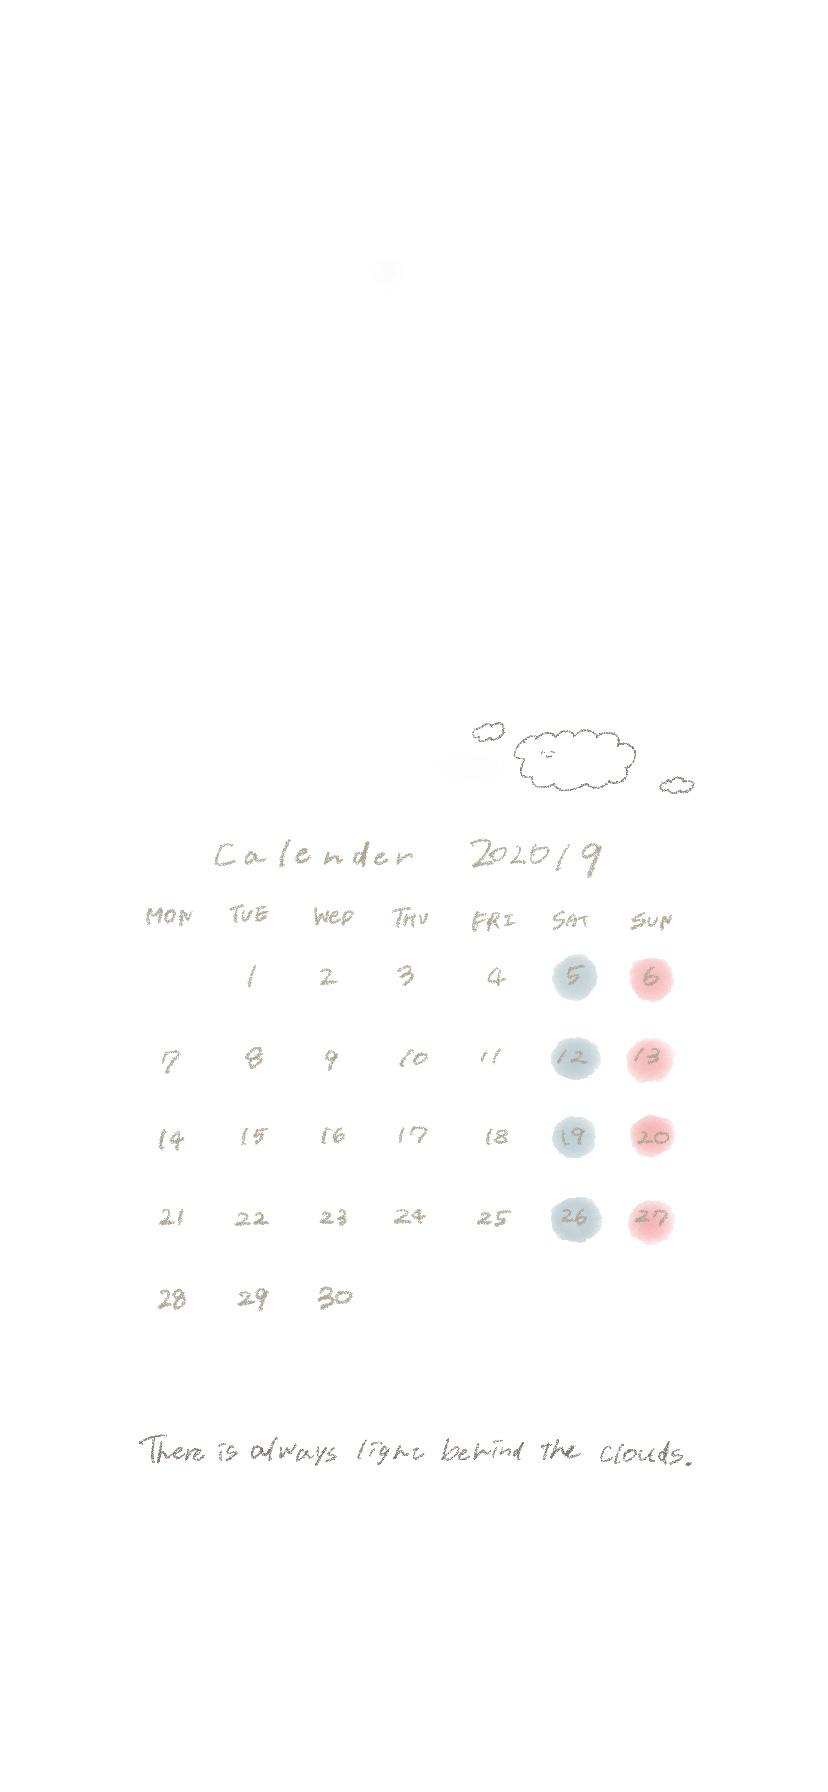 9月のカレンダー(色つき)